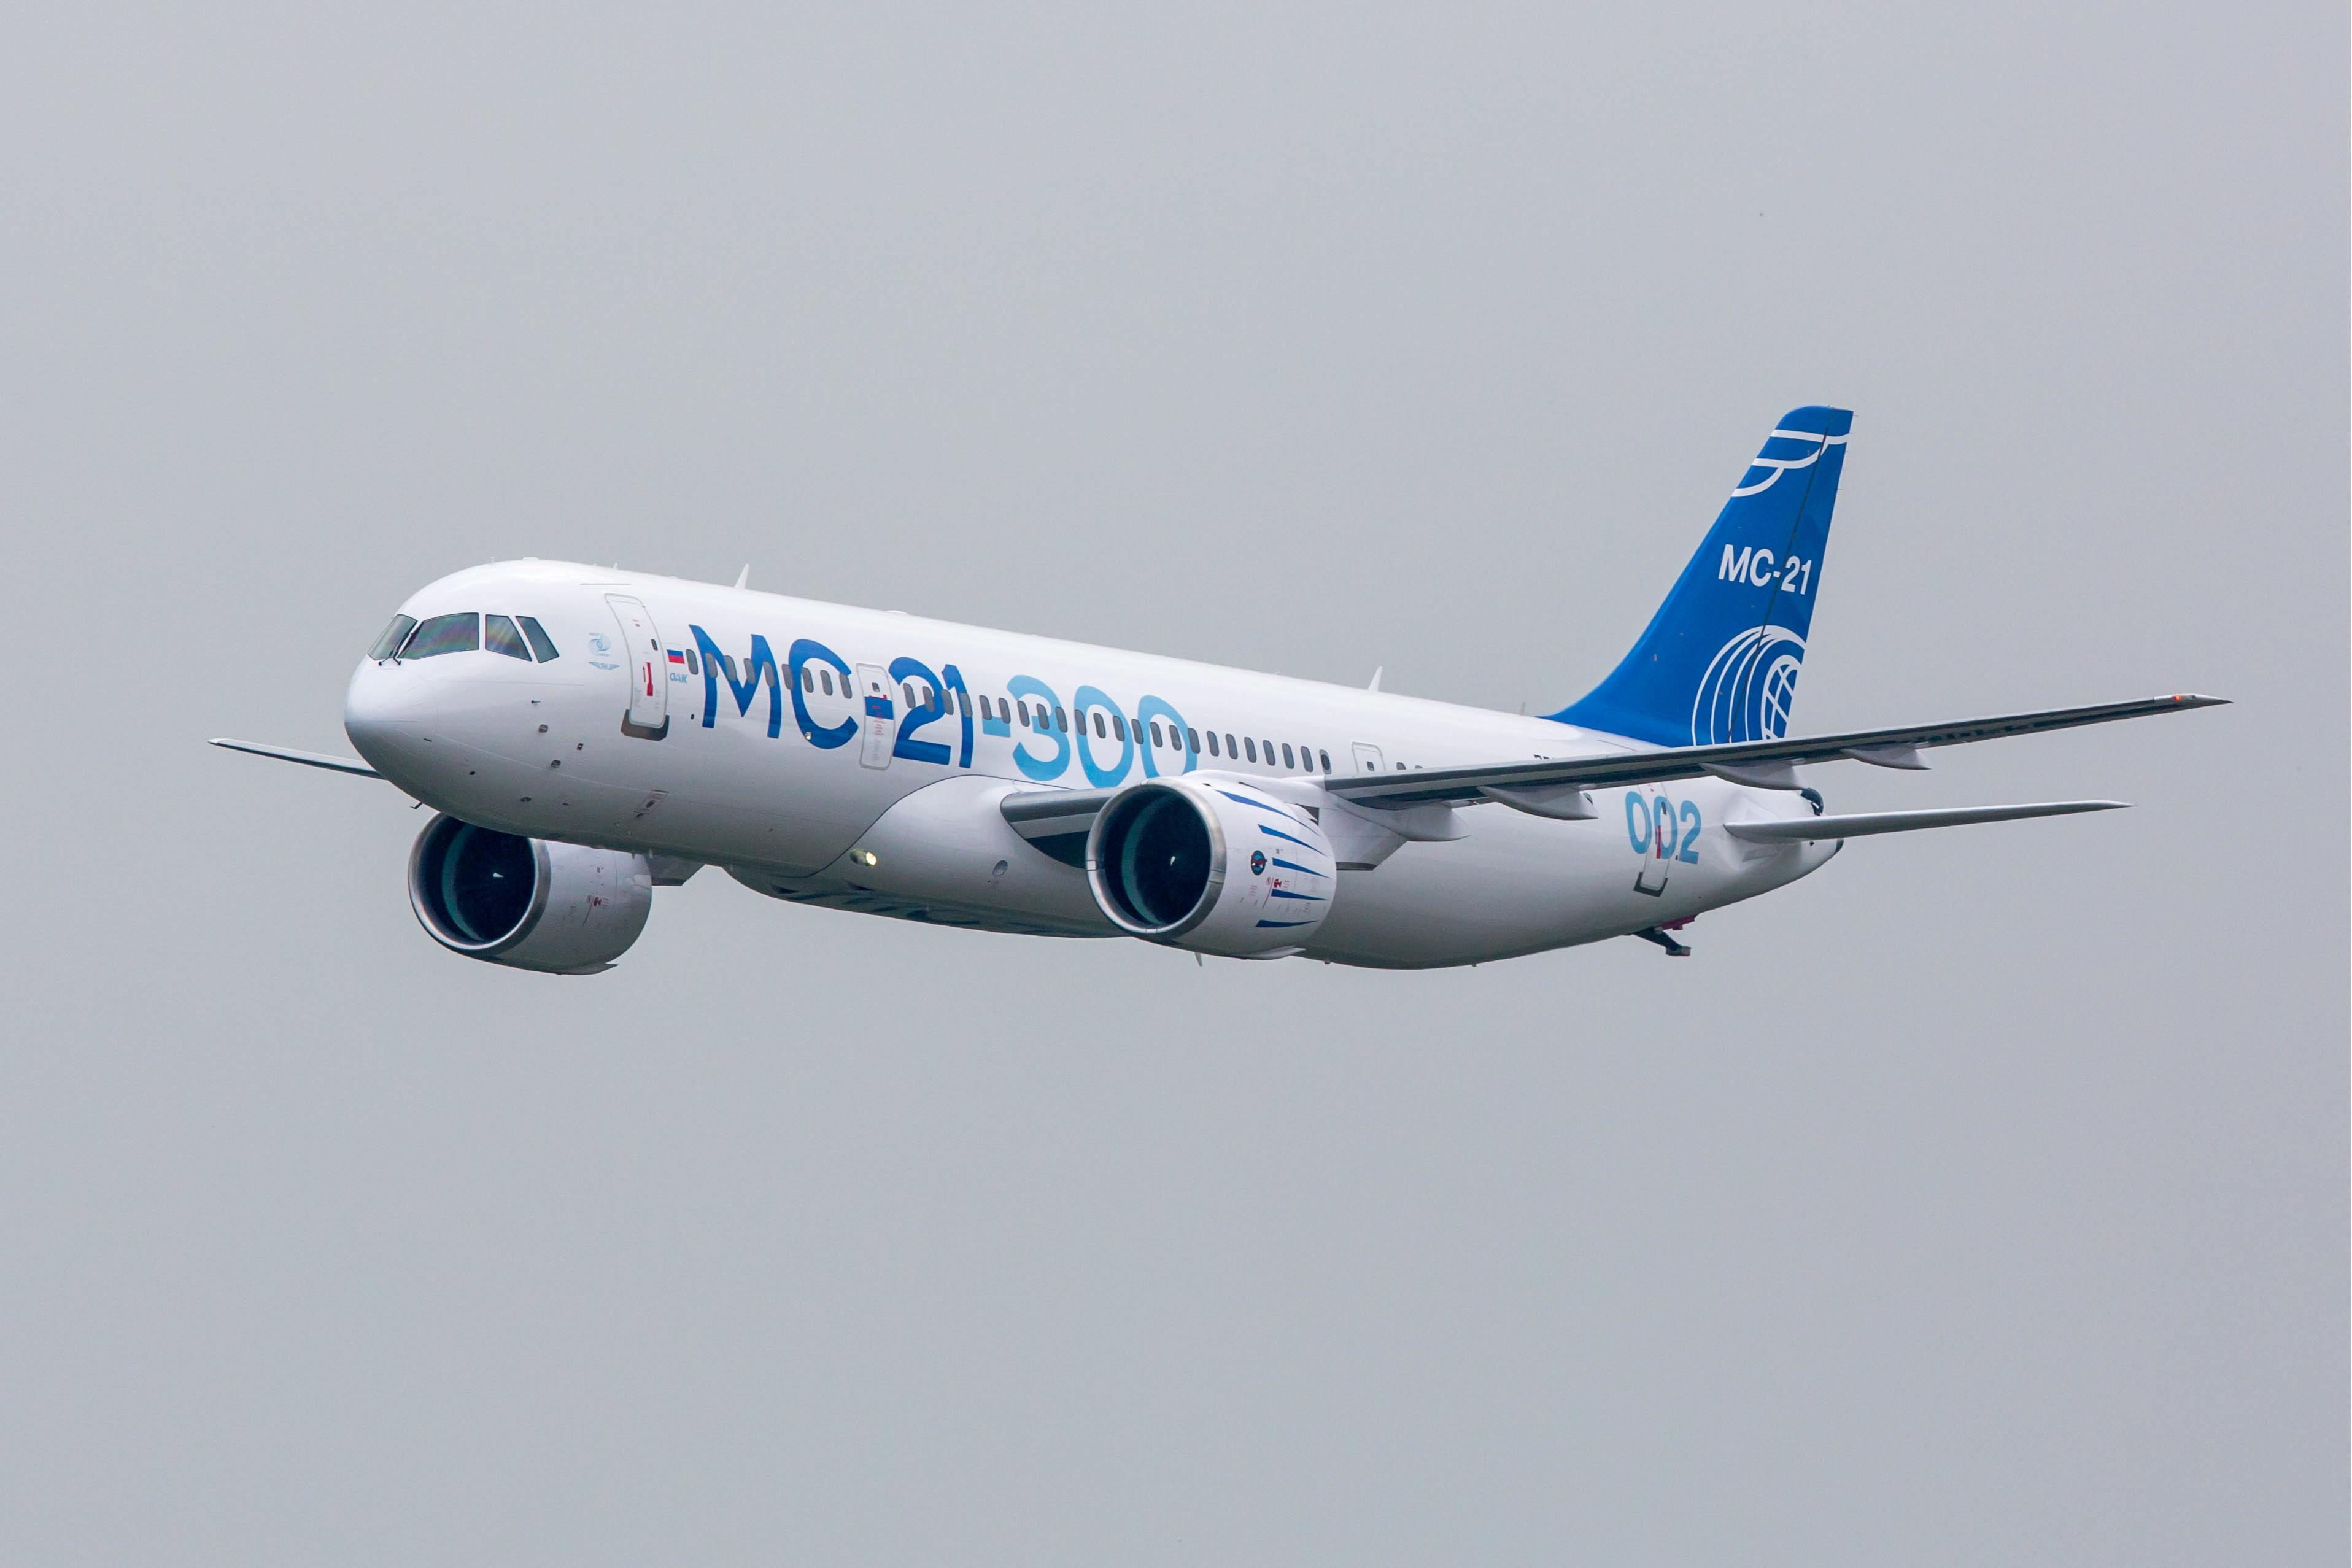 Самолет МС-21 совершил перелет из Иркутска в Ульяновск